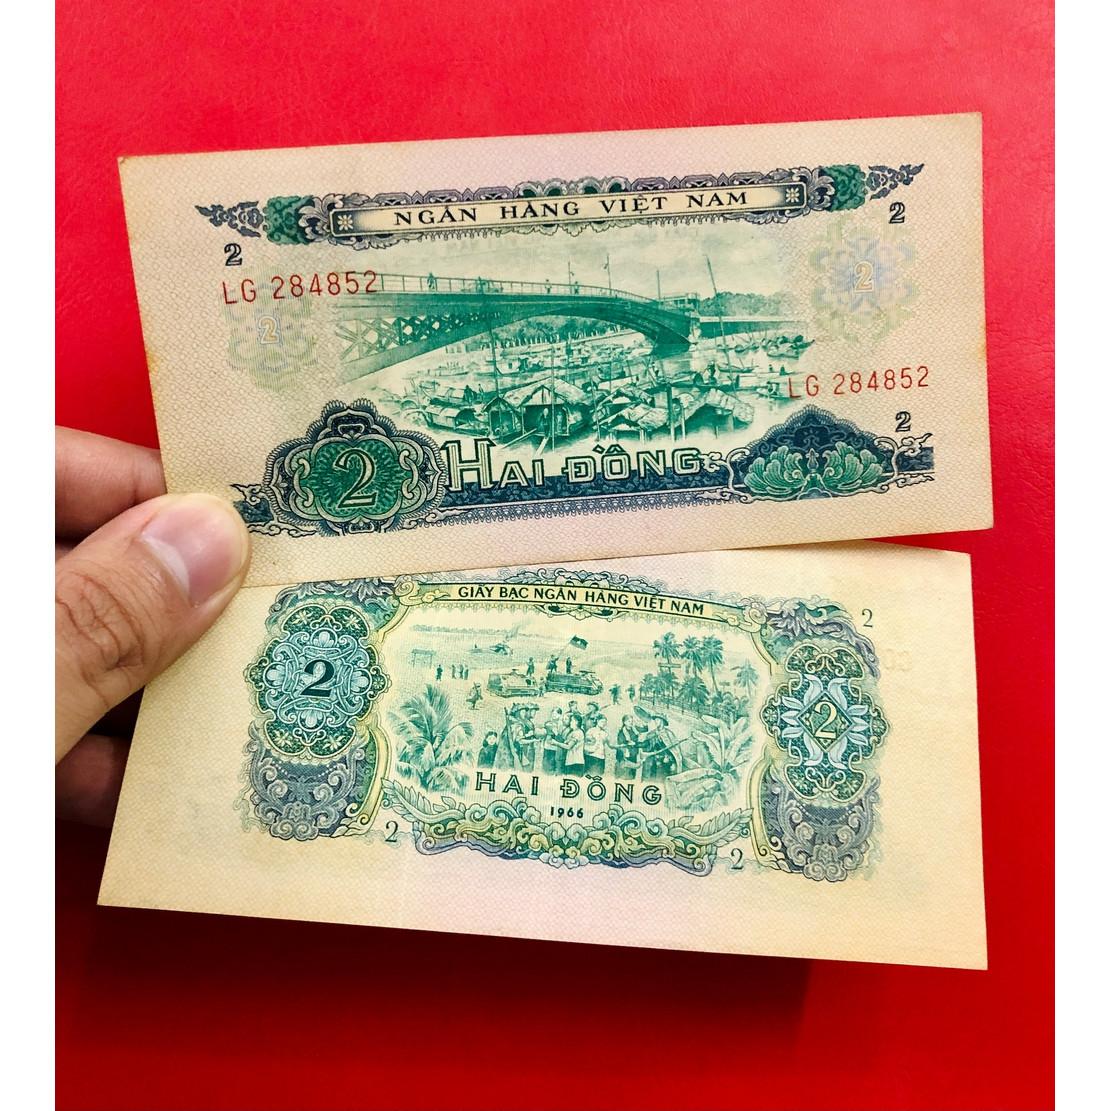 Tờ 2 đồng xưa Việt Nam hình ảnh cầu Móng Sài Gòn